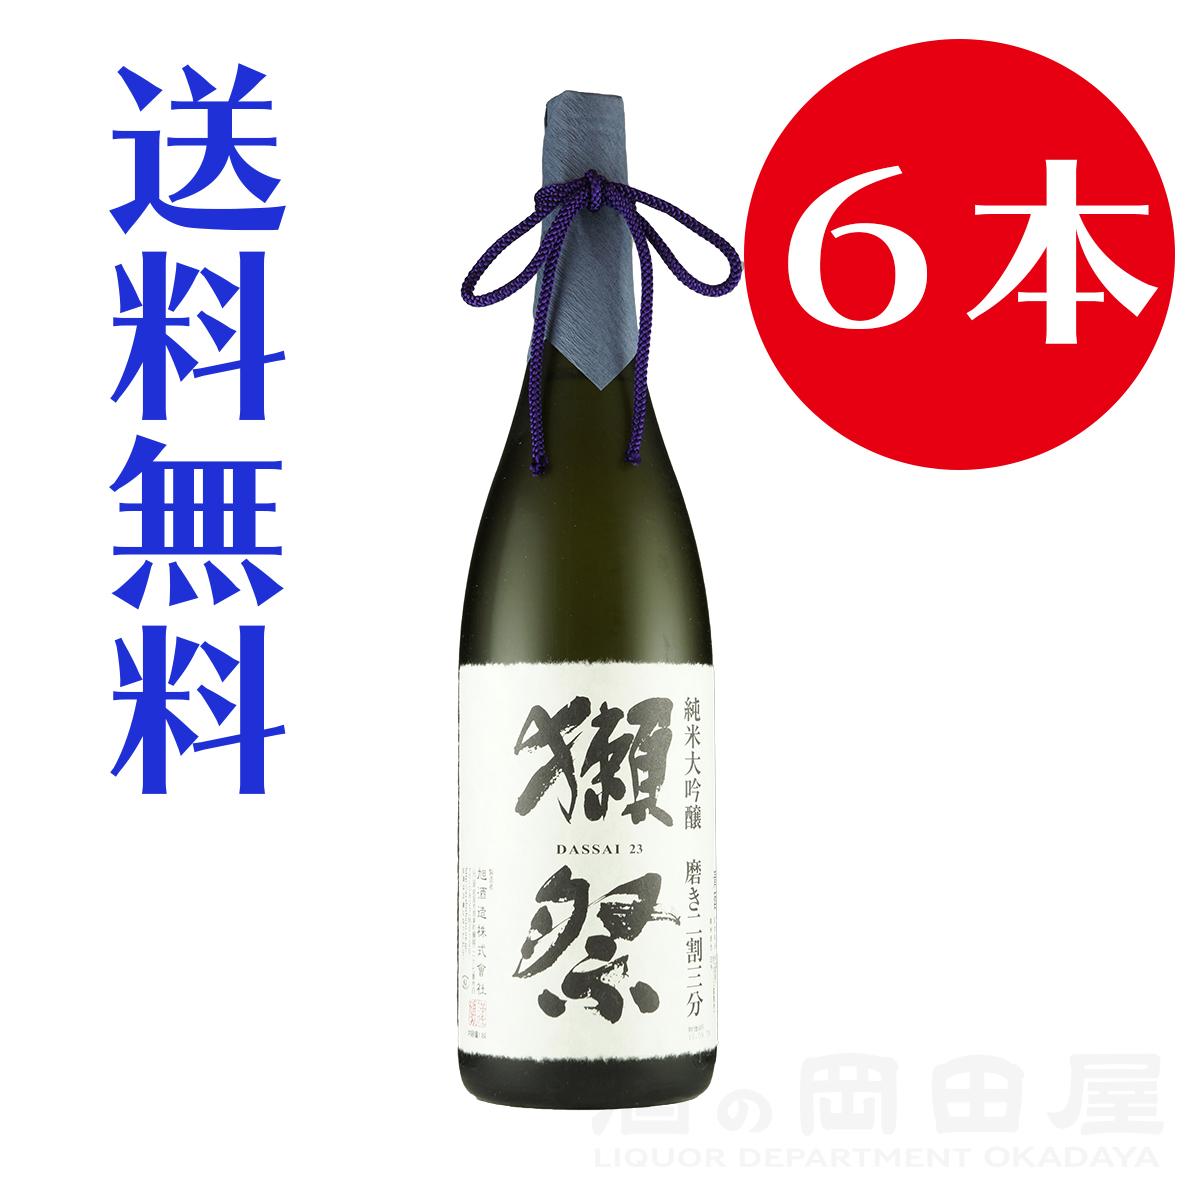 獺祭 だっさい 純米大吟醸 磨き 二割三分 1800ml/1.8L 6本山口県 旭酒造 日本酒 地酒 ギフト